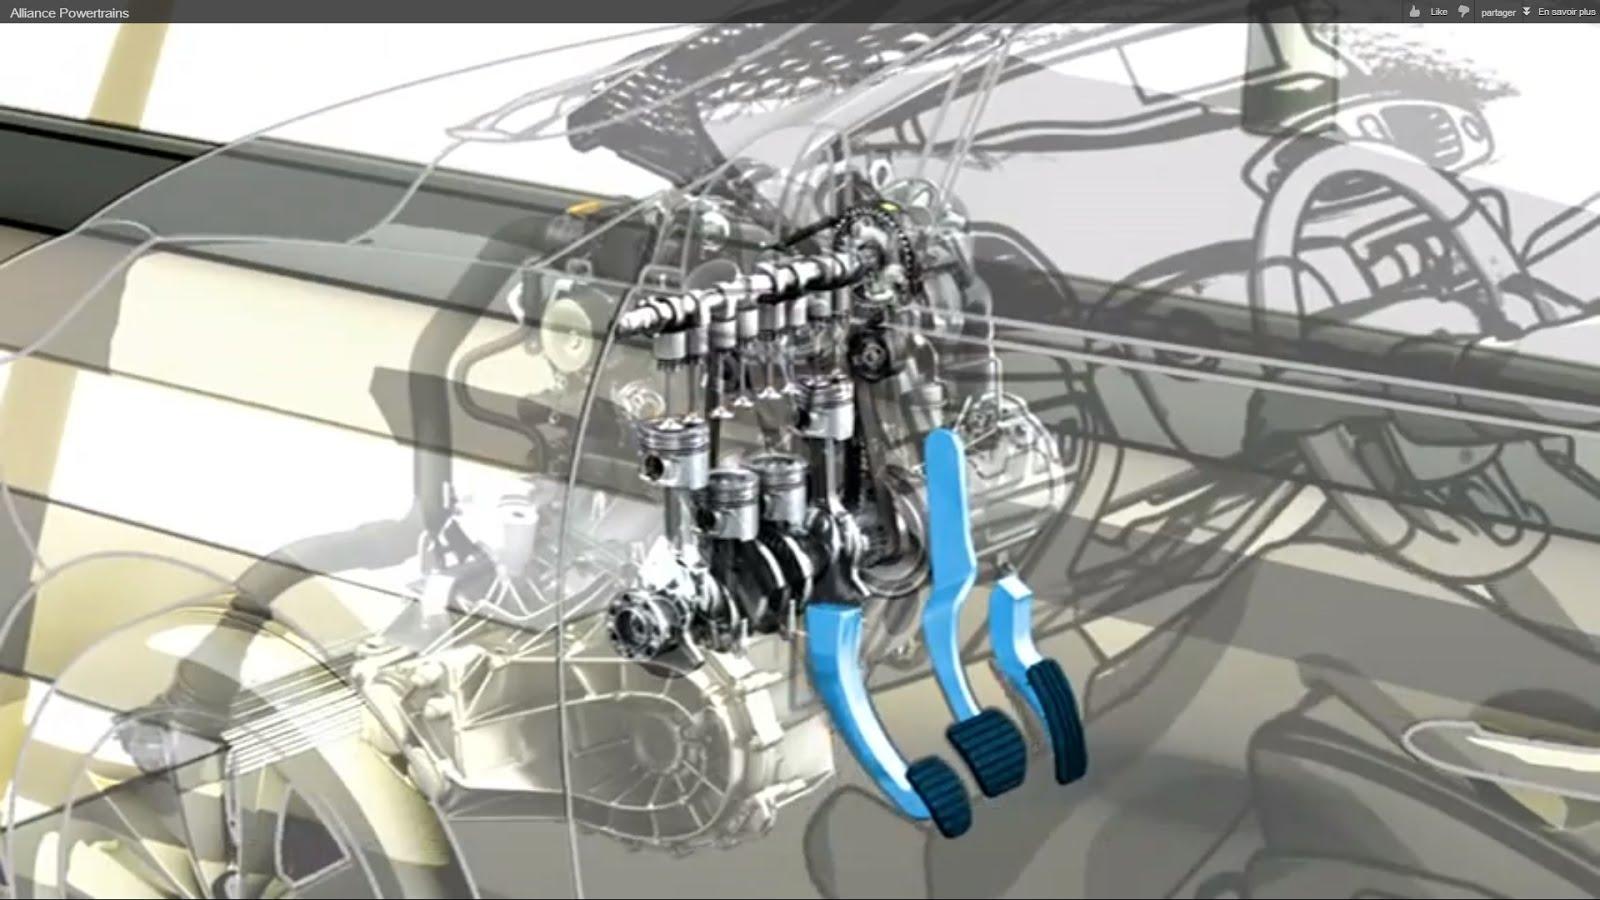 voiture du futur renault nissan une alliance qui porte ses fruits sur les moteurs. Black Bedroom Furniture Sets. Home Design Ideas